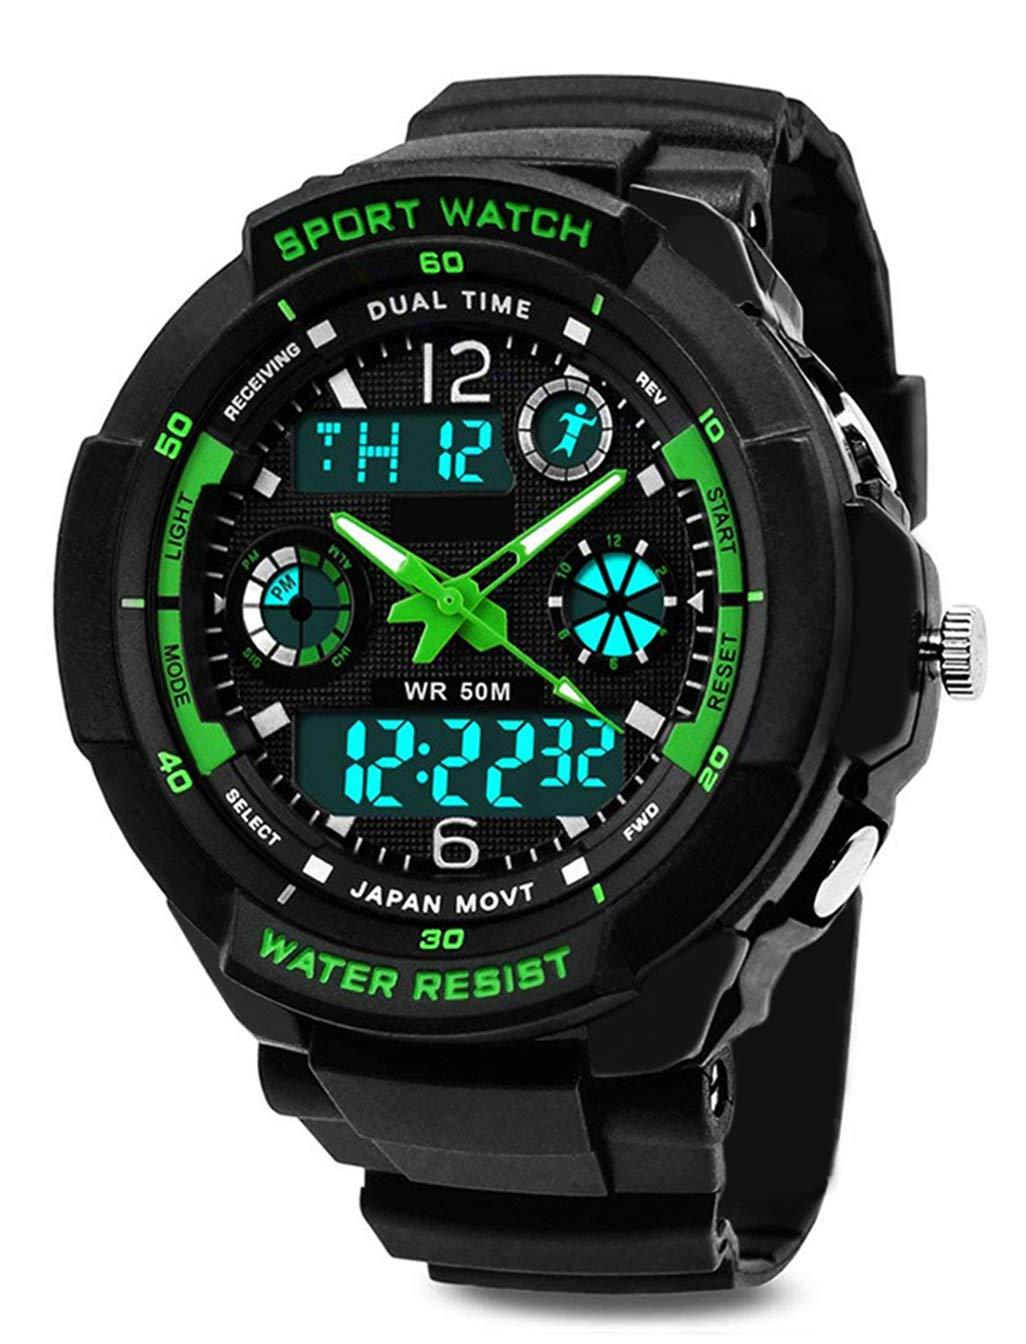 Reloj digital para niños con 12/24 horas/Alarma/cronómetro, niños deportes